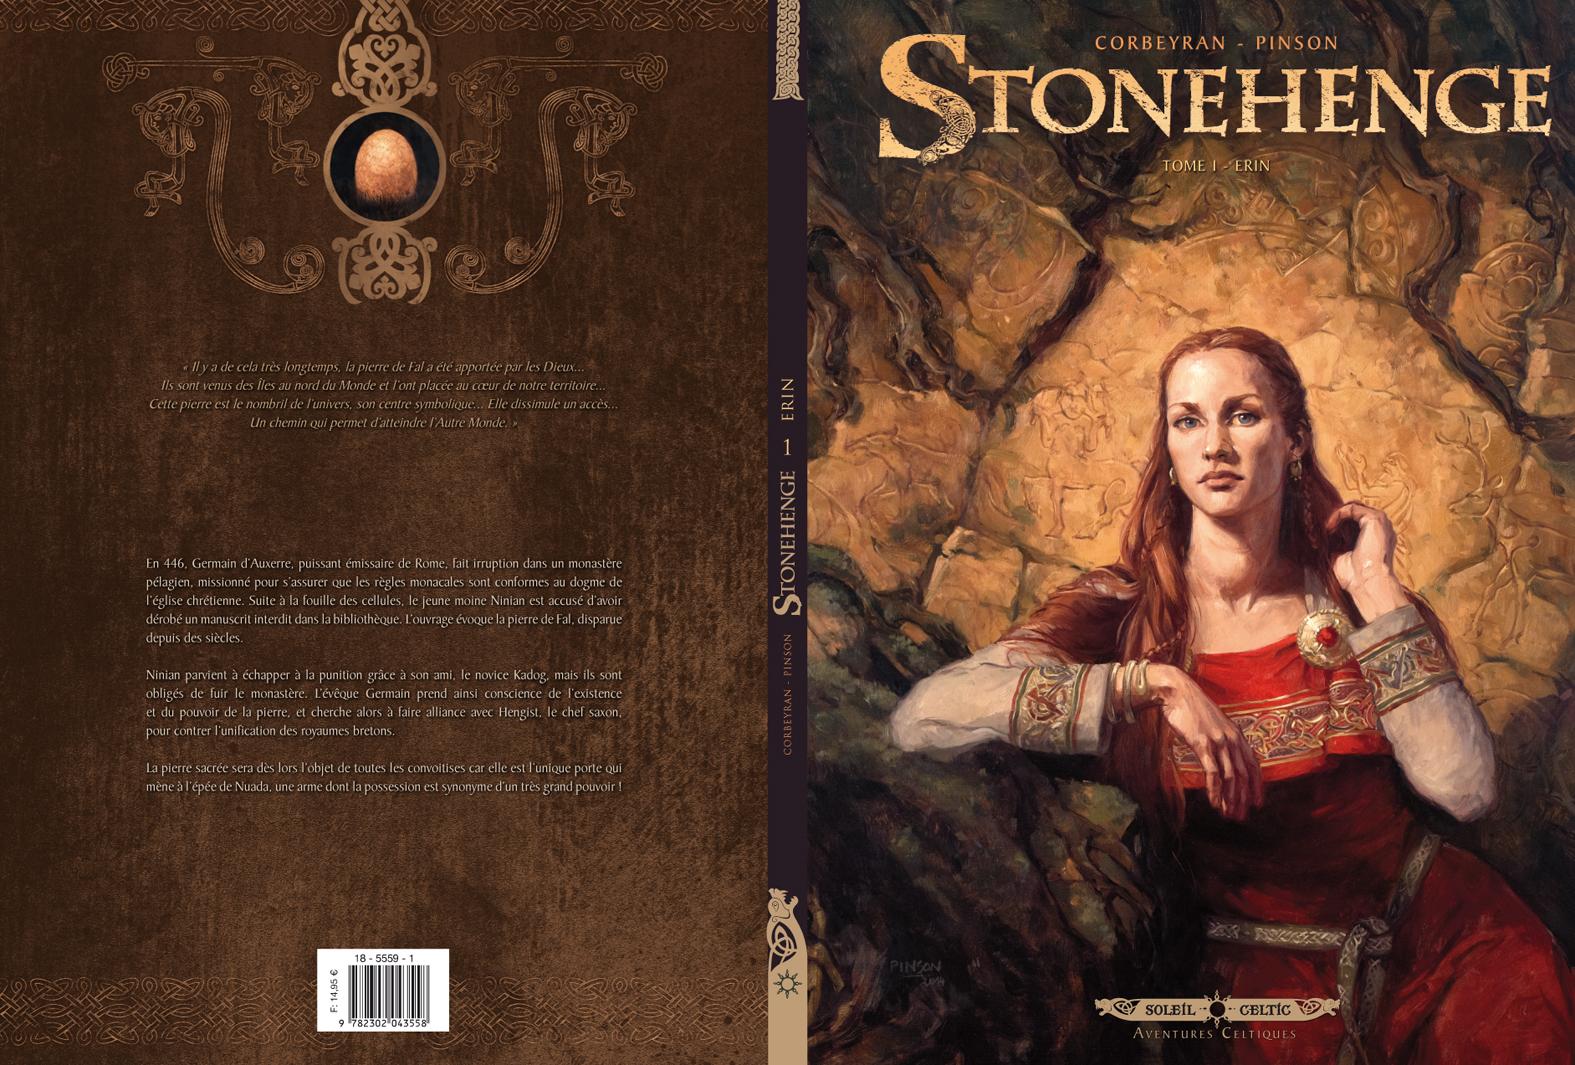 Stonehenge_T01_C1C4_.indd